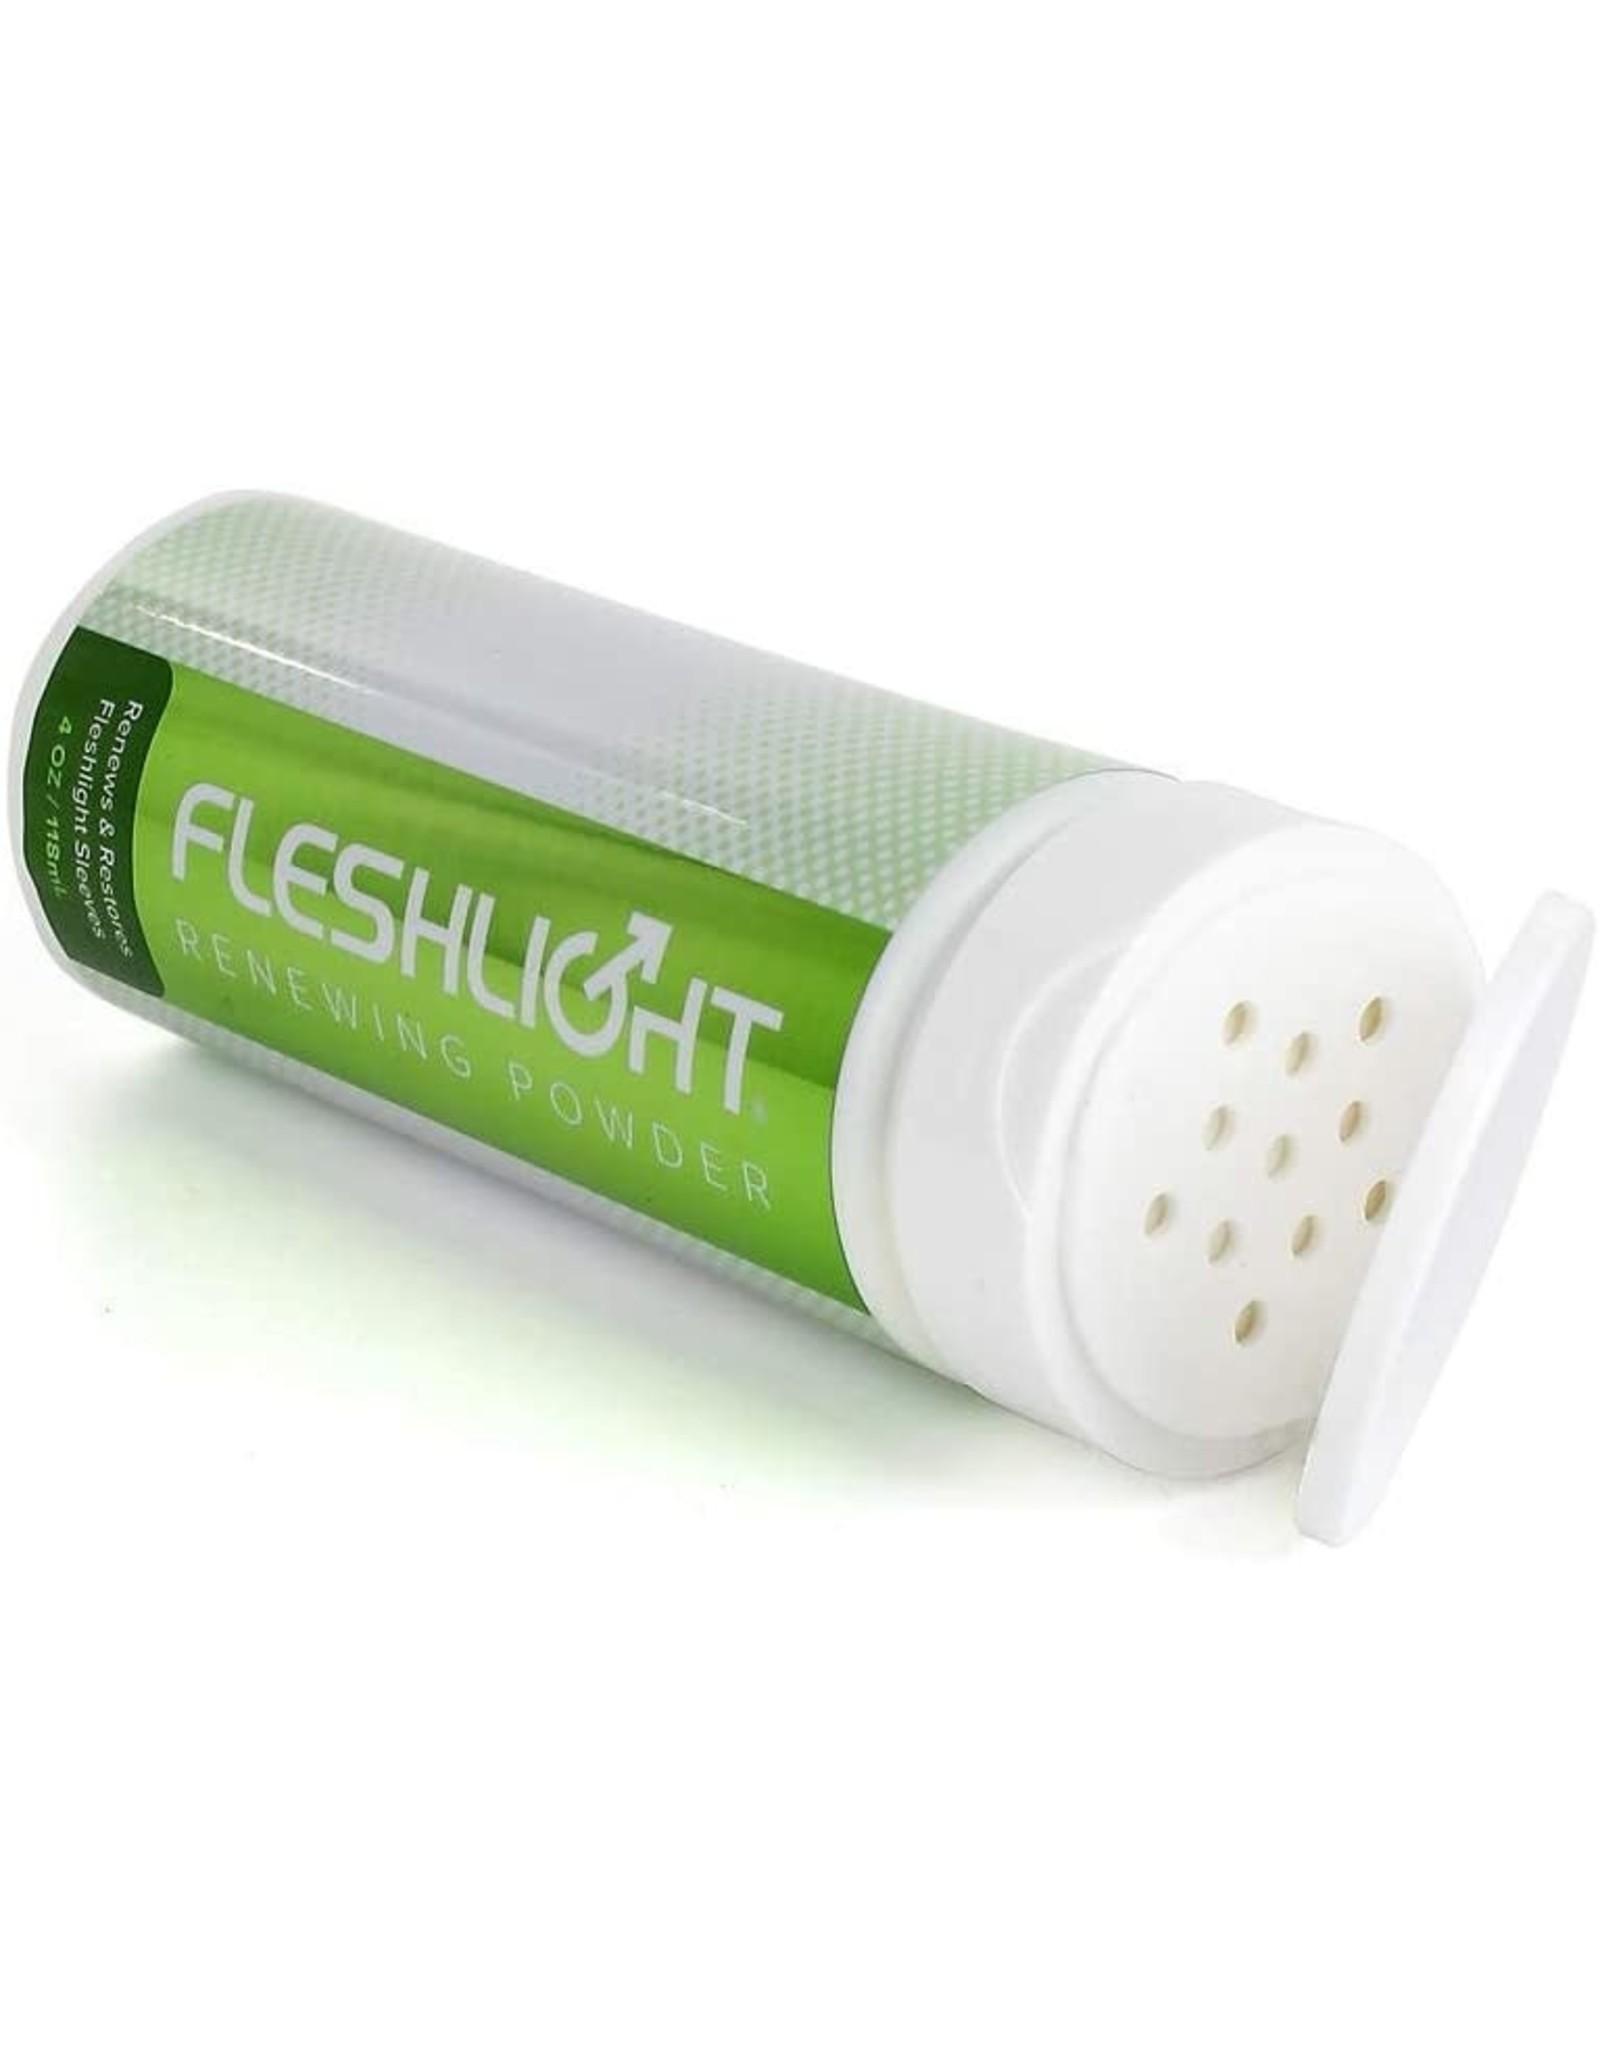 FLESH-LIGHT FLESHLIGHT - RENEWING POWDER - 4OZ